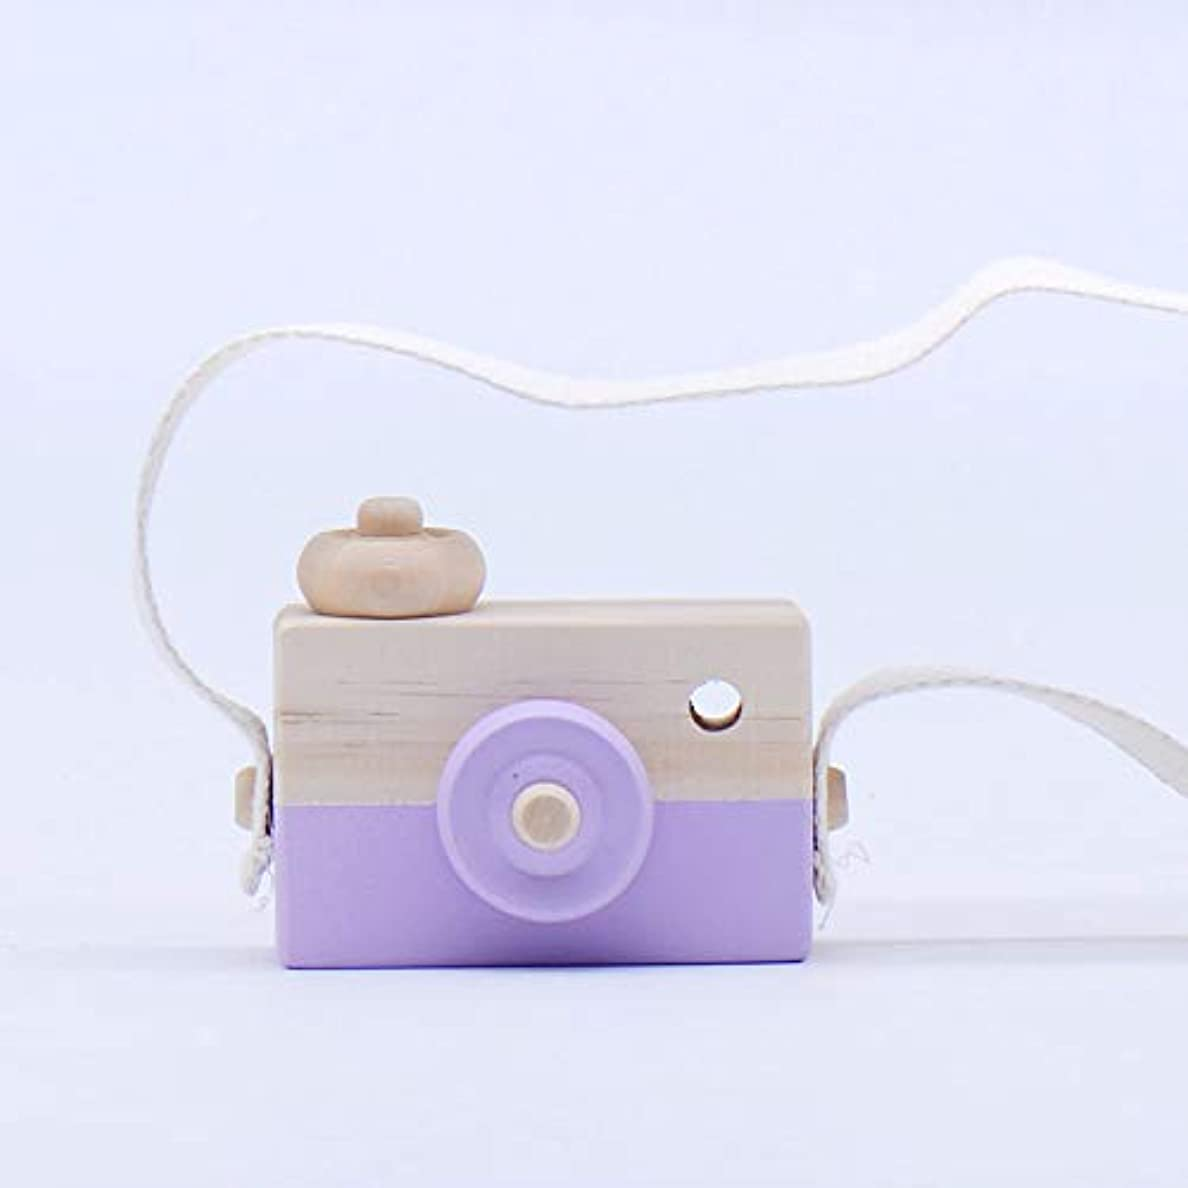 お勧めソーシャル市民ミニかわいい木製カメラのおもちゃ安全なナチュラル玩具ベビーキッズファッション服アクセサリー玩具誕生日クリスマスホリデーギフト (紫の)